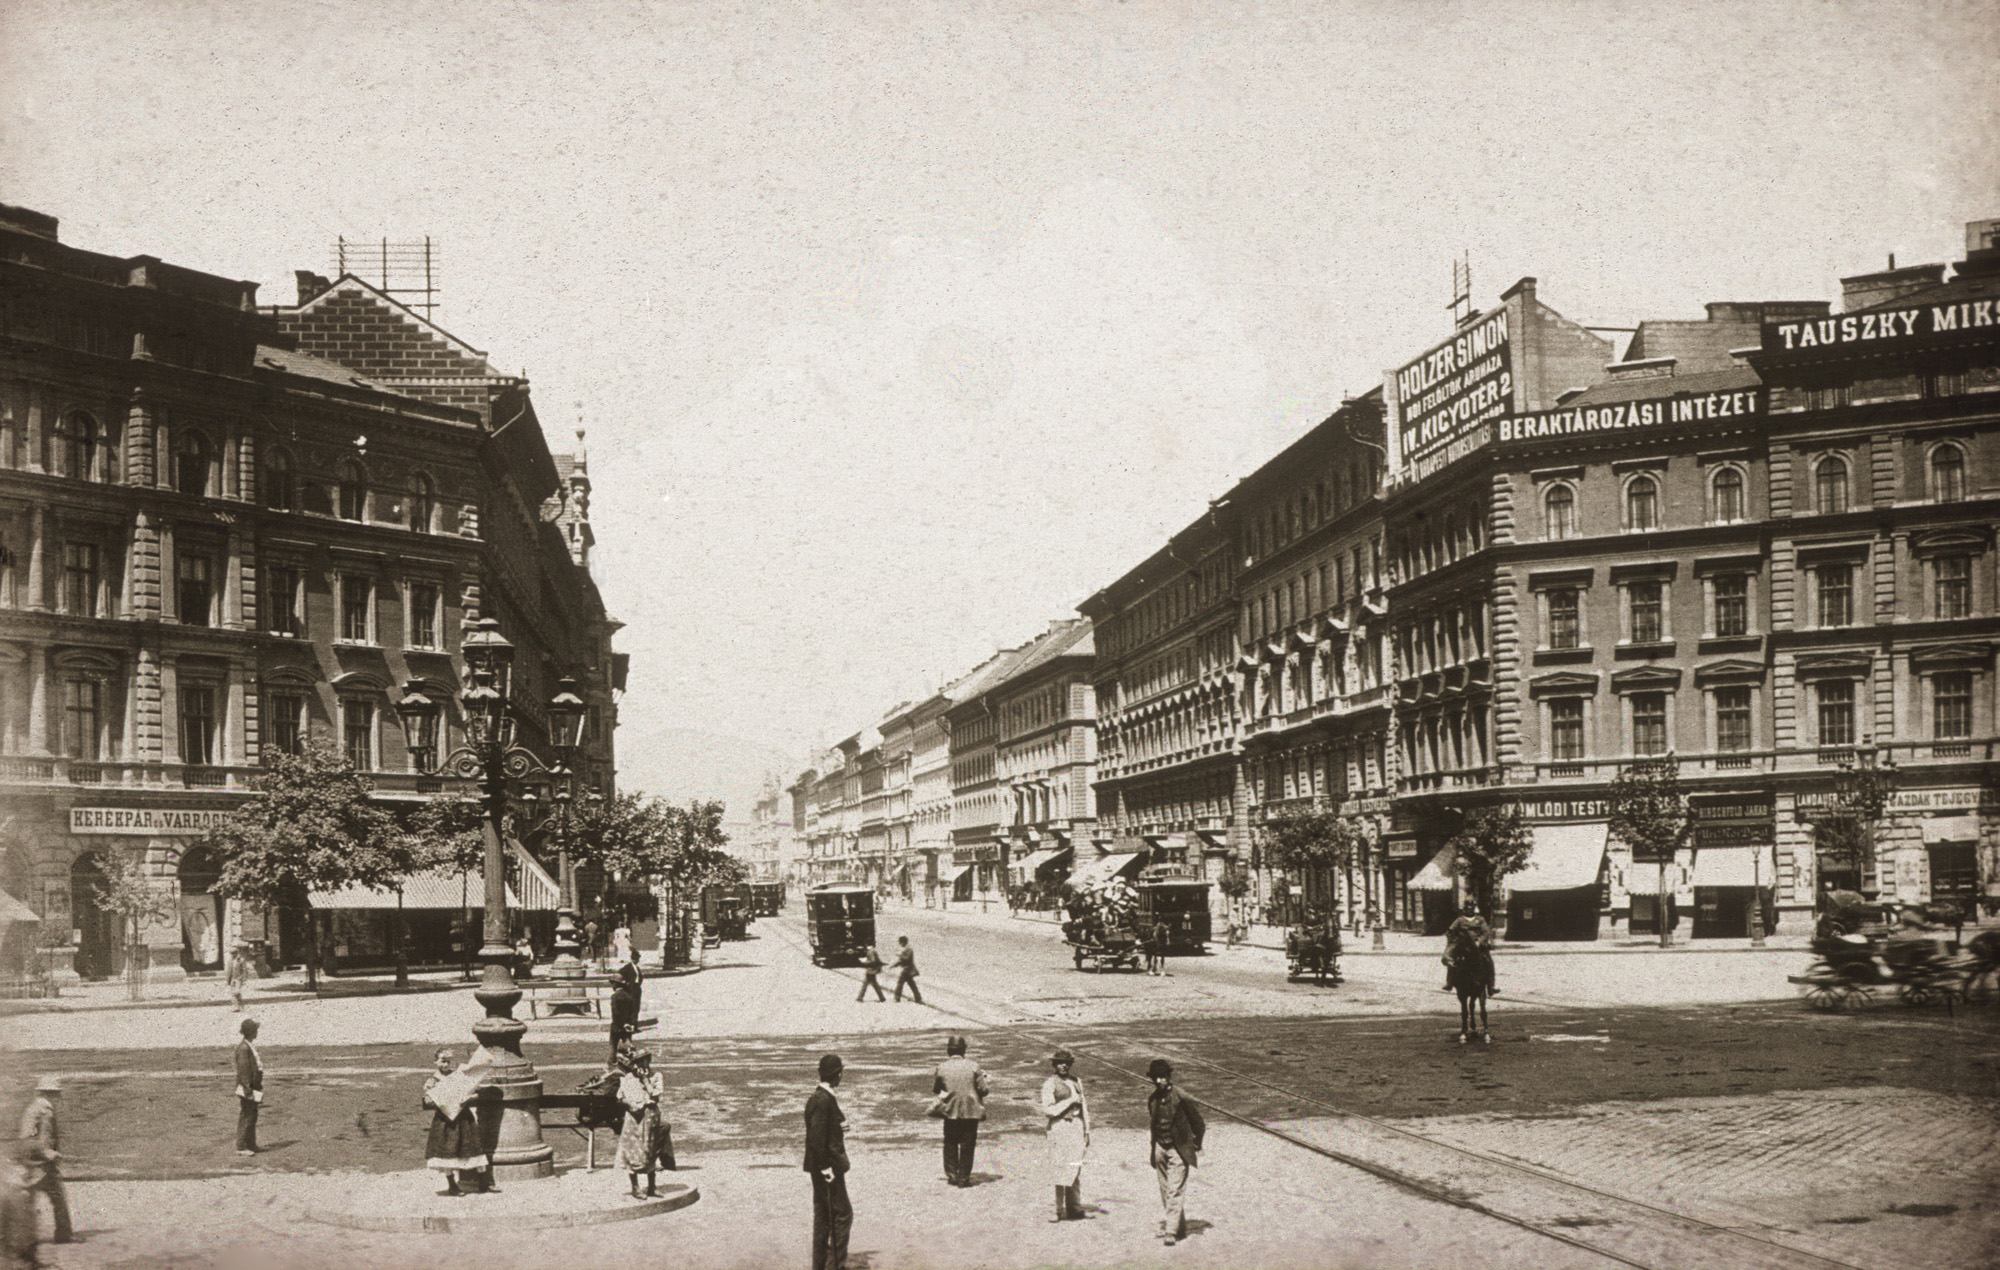 Fotó: Klösz György: Erzsébet körút, 1894 (Kisképző Digitális Fotótár)